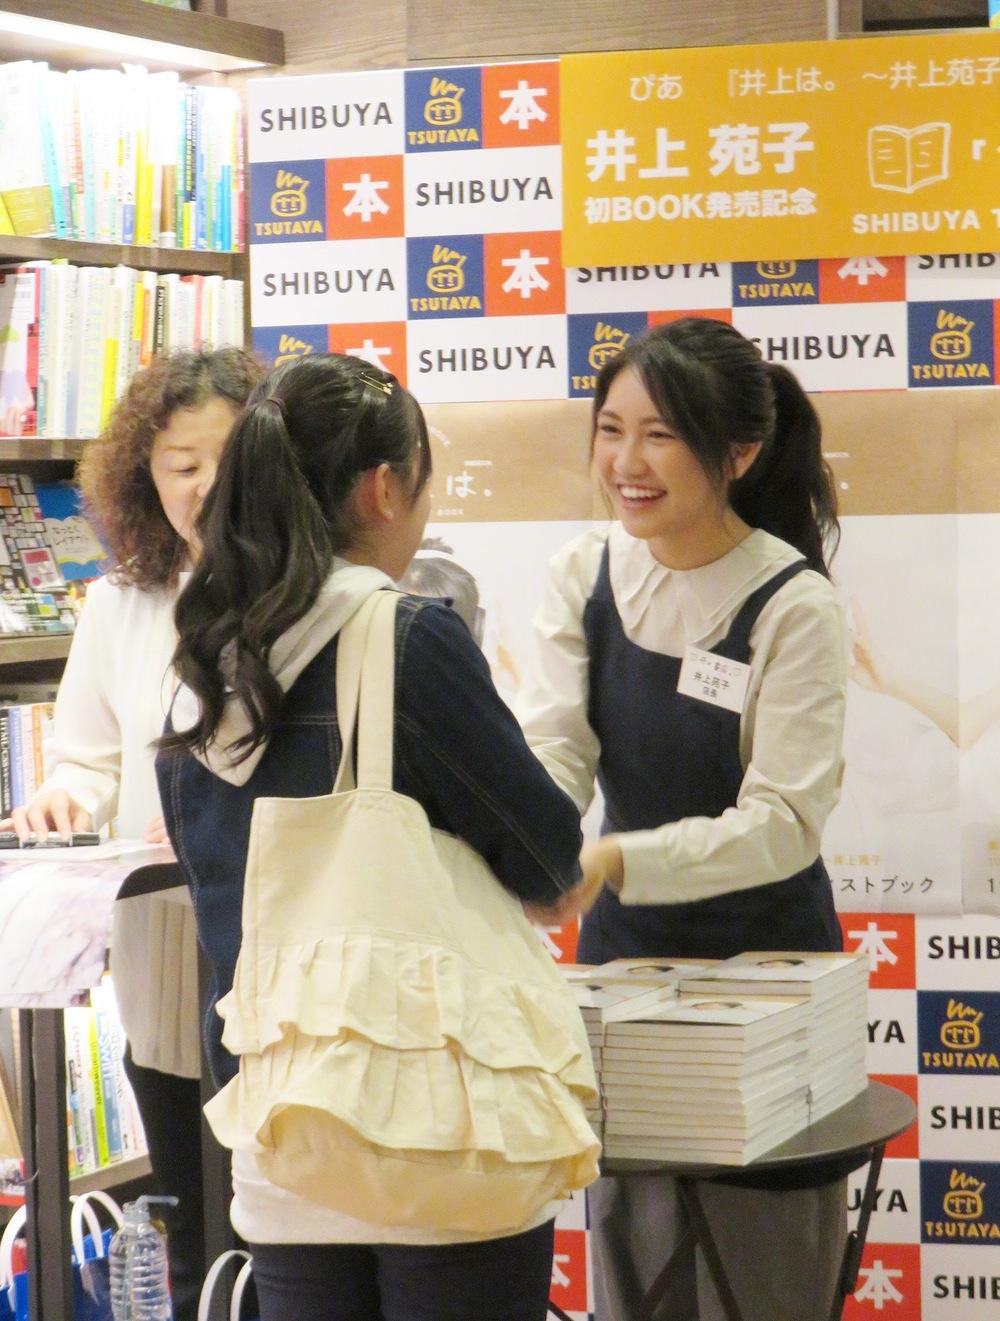 井上苑子、初書籍発売記念イベント・井上書店